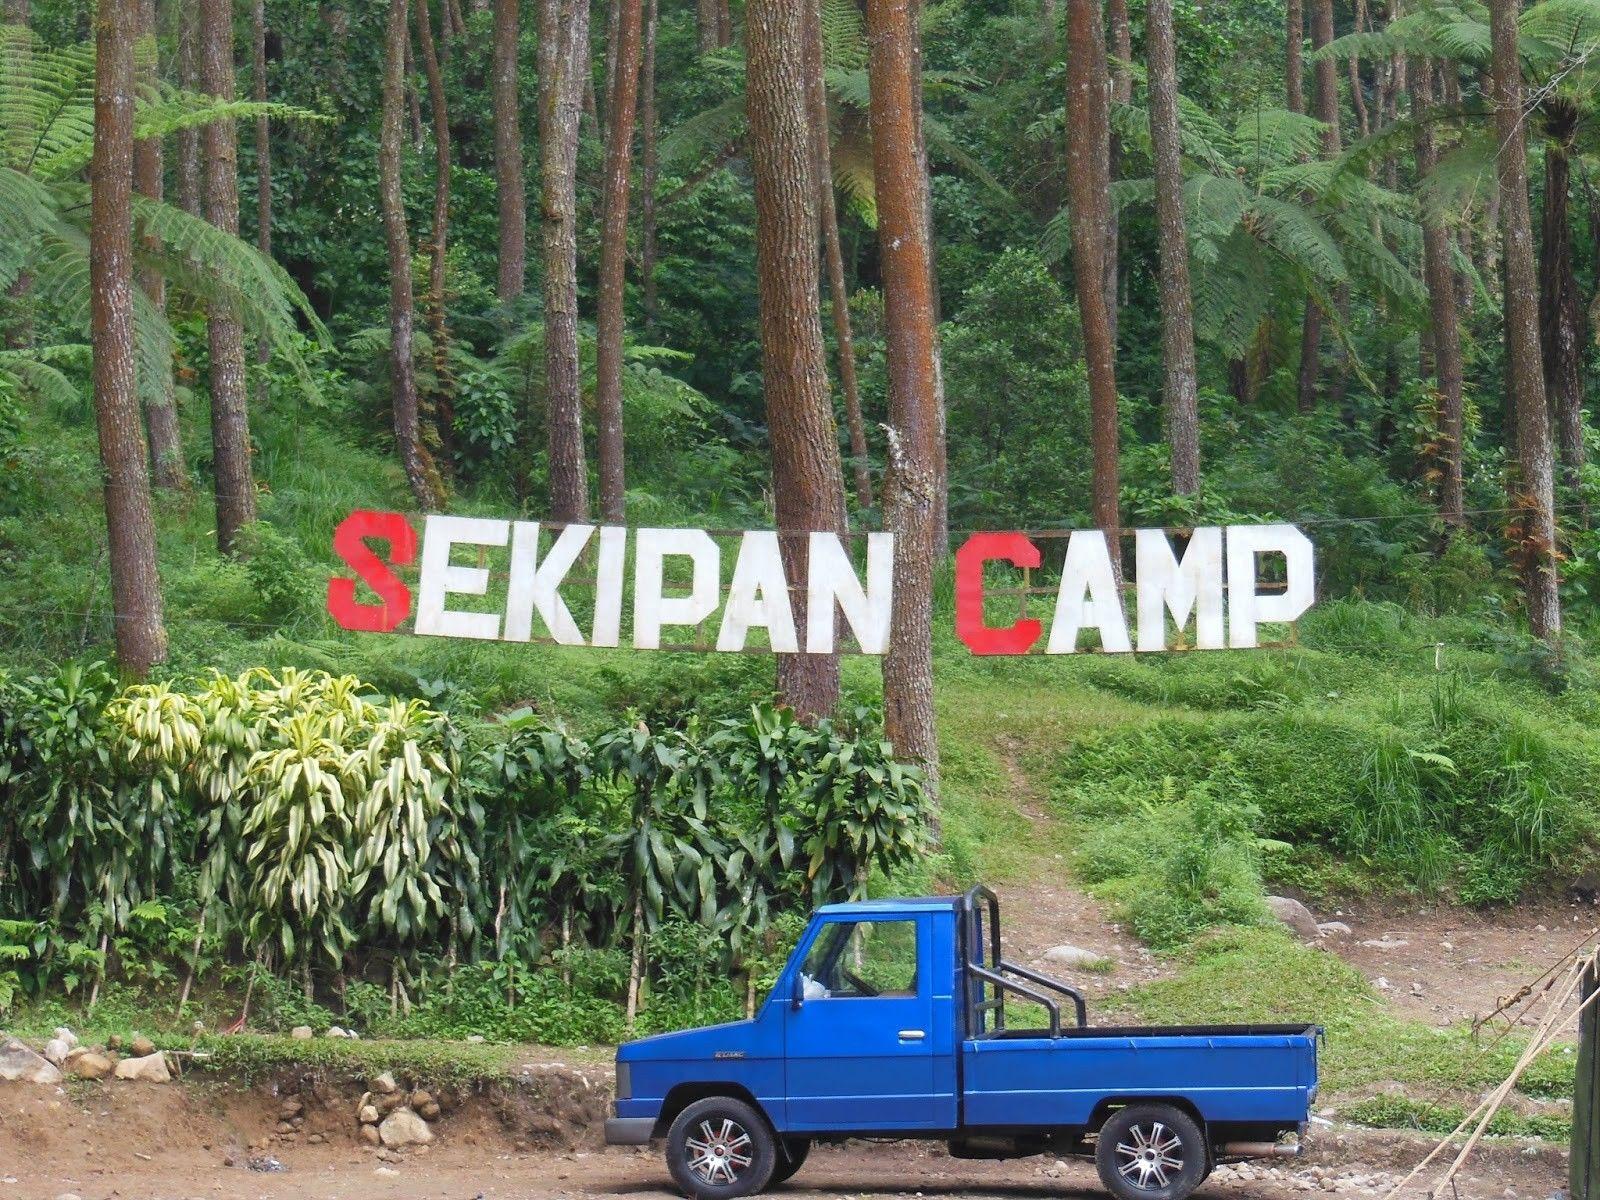 Menengok Keindahan Bukit Sekipan Karanganyar Jawa Tengah Nikmati 10 Suasana